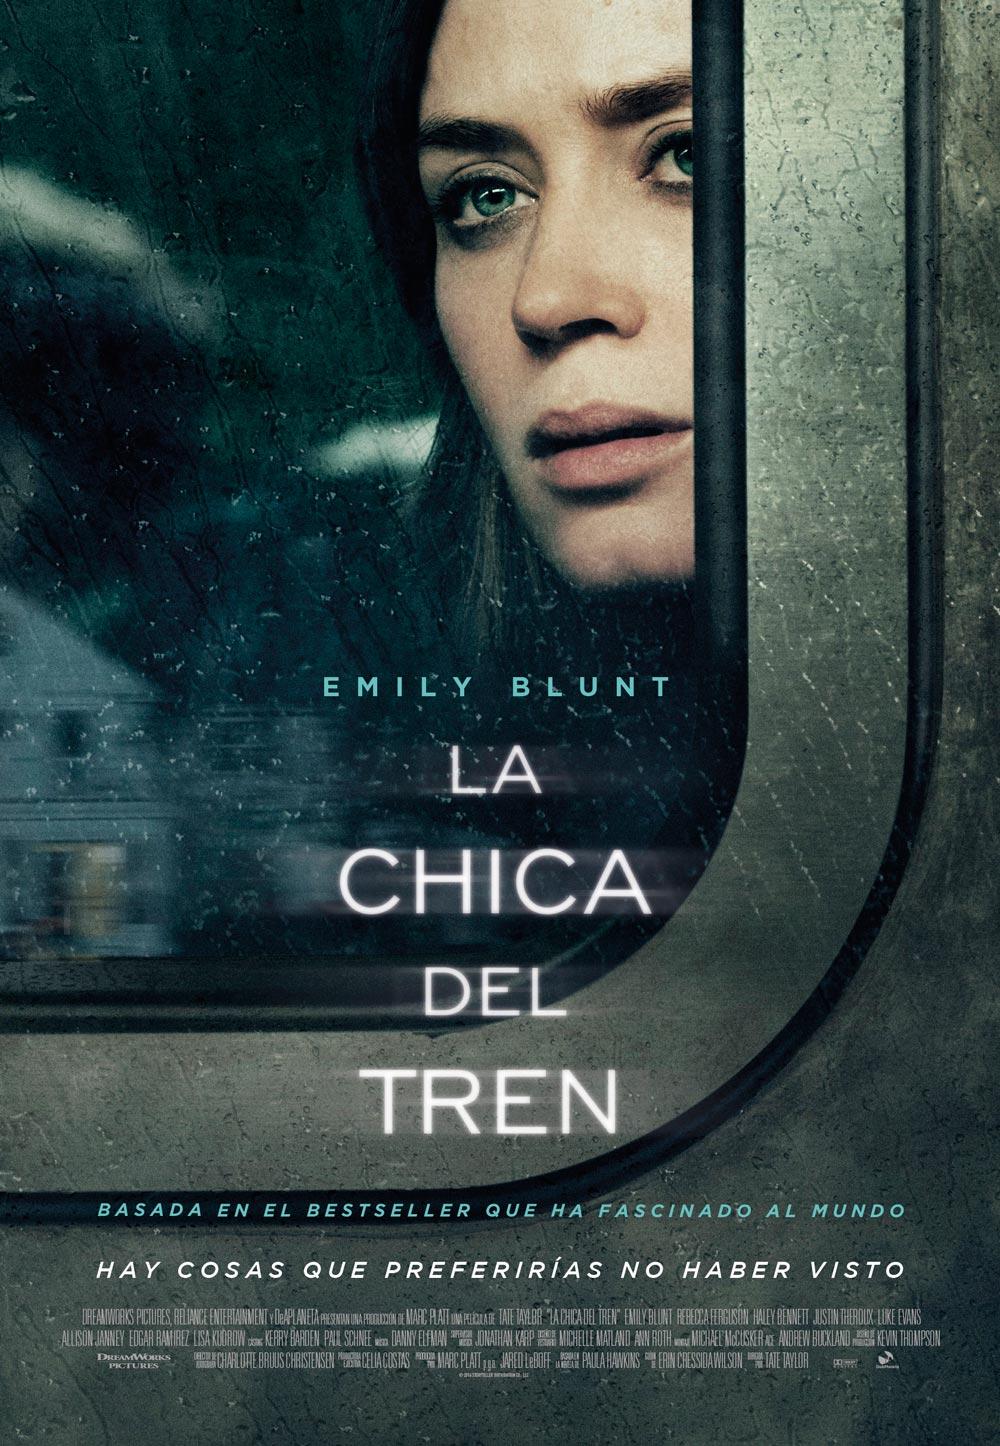 La chica del tren cartel de la película 2 de 2